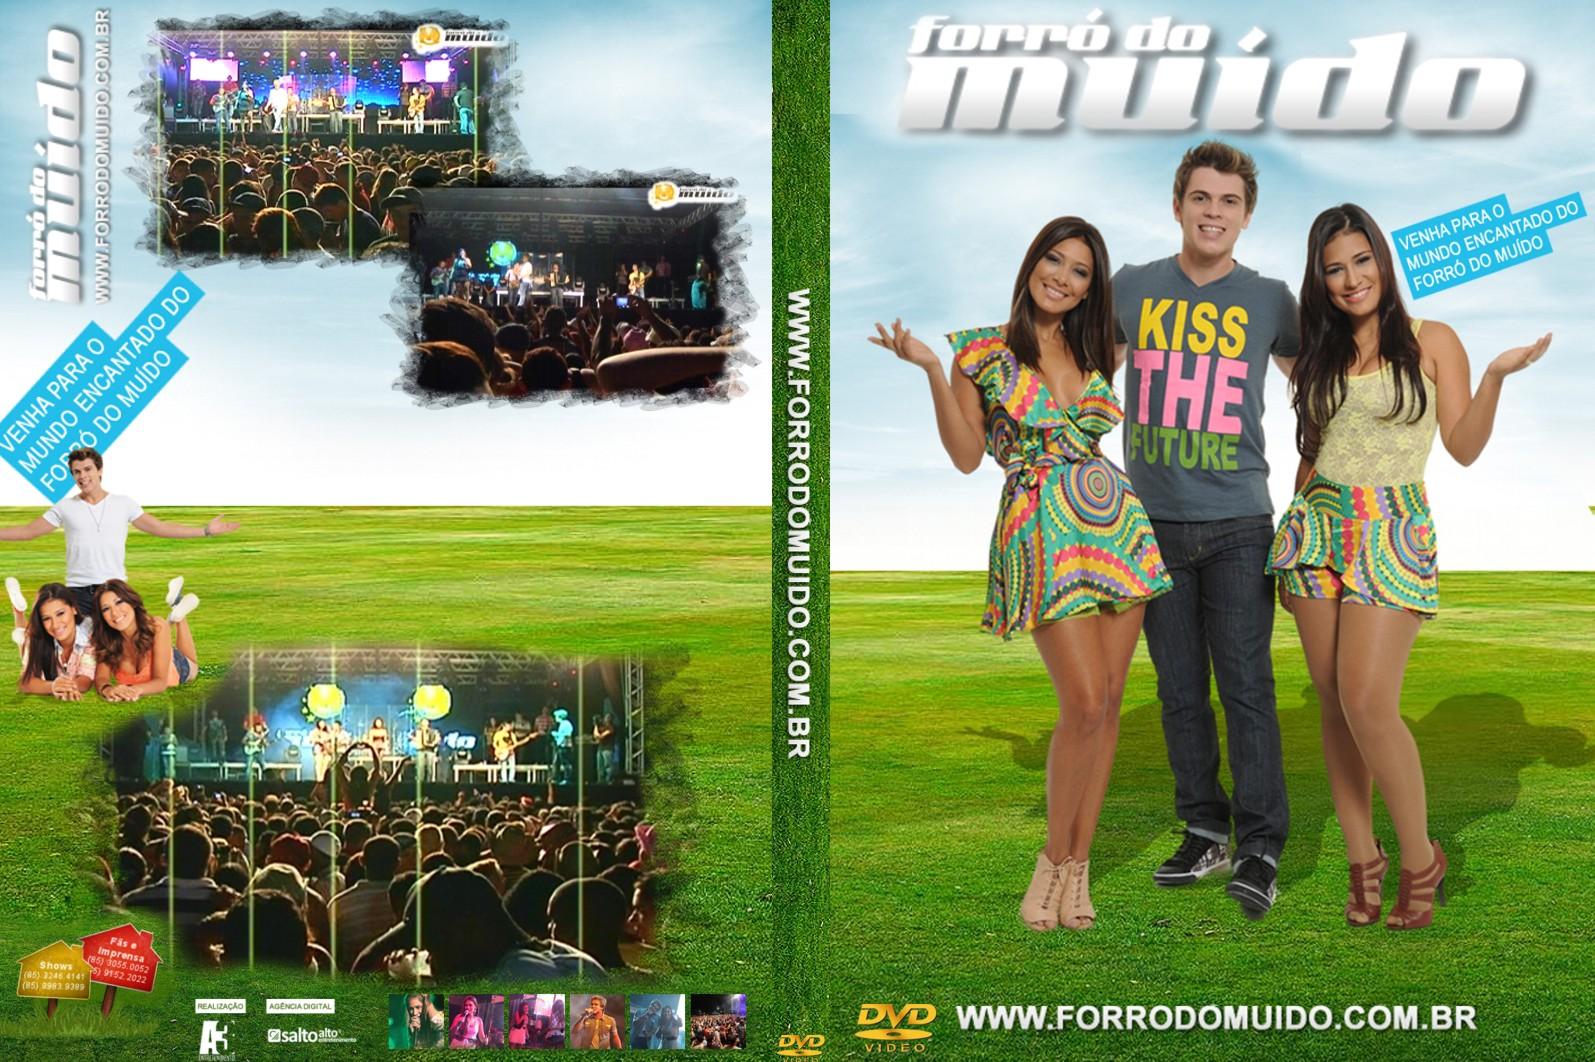 dvd de forro do muido 2011